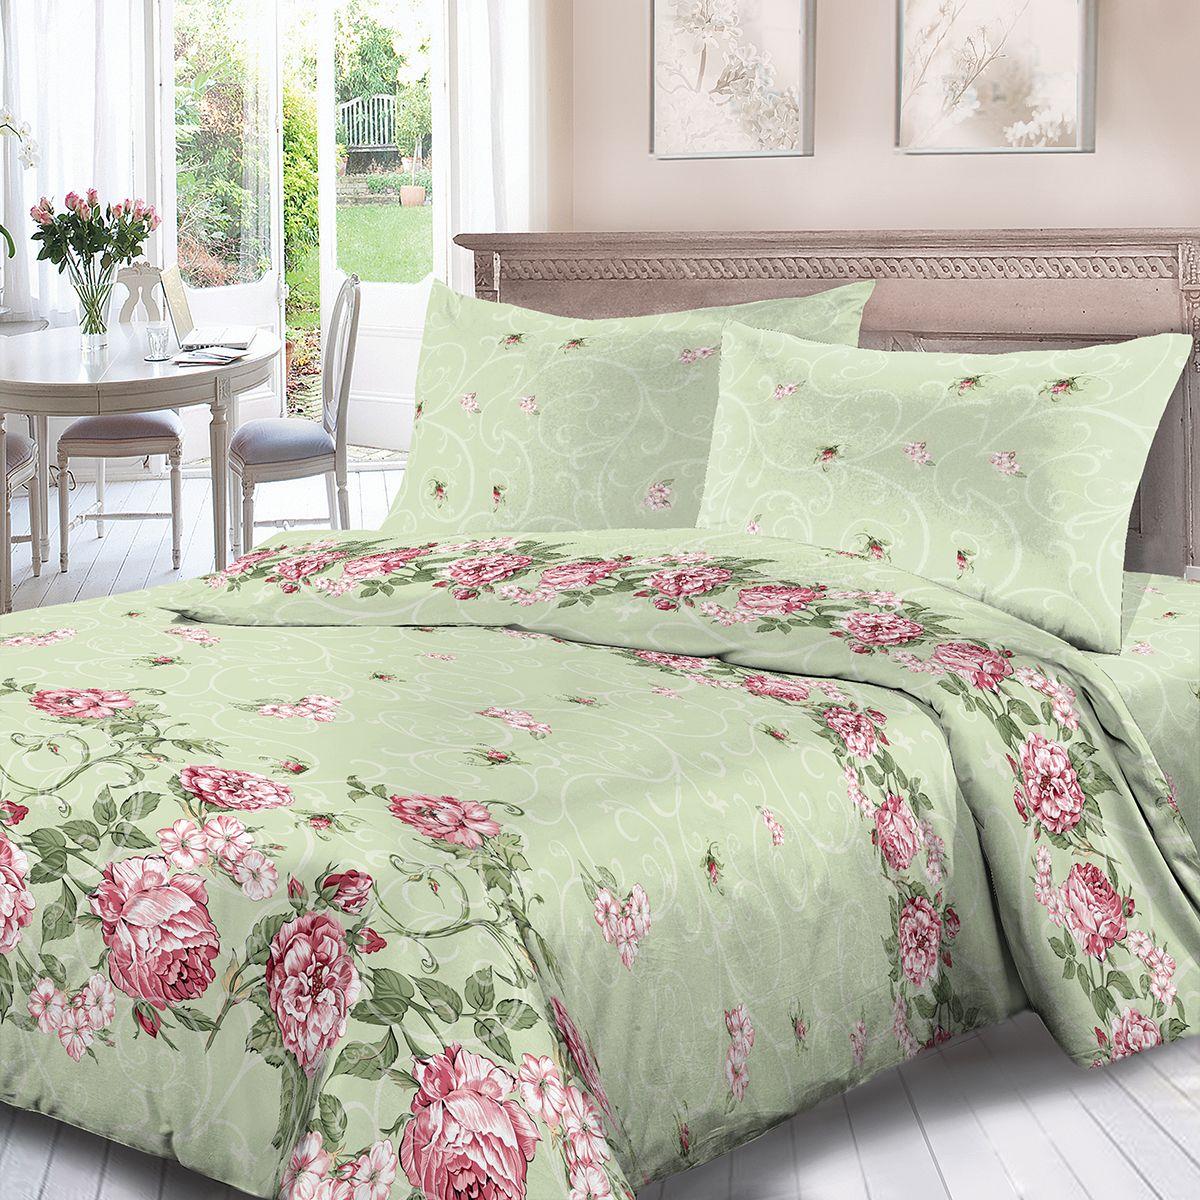 Комплект белья Для Снов Майя, 2-х спальное, наволочки 70x70, цвет: зеленый. 1754-181975